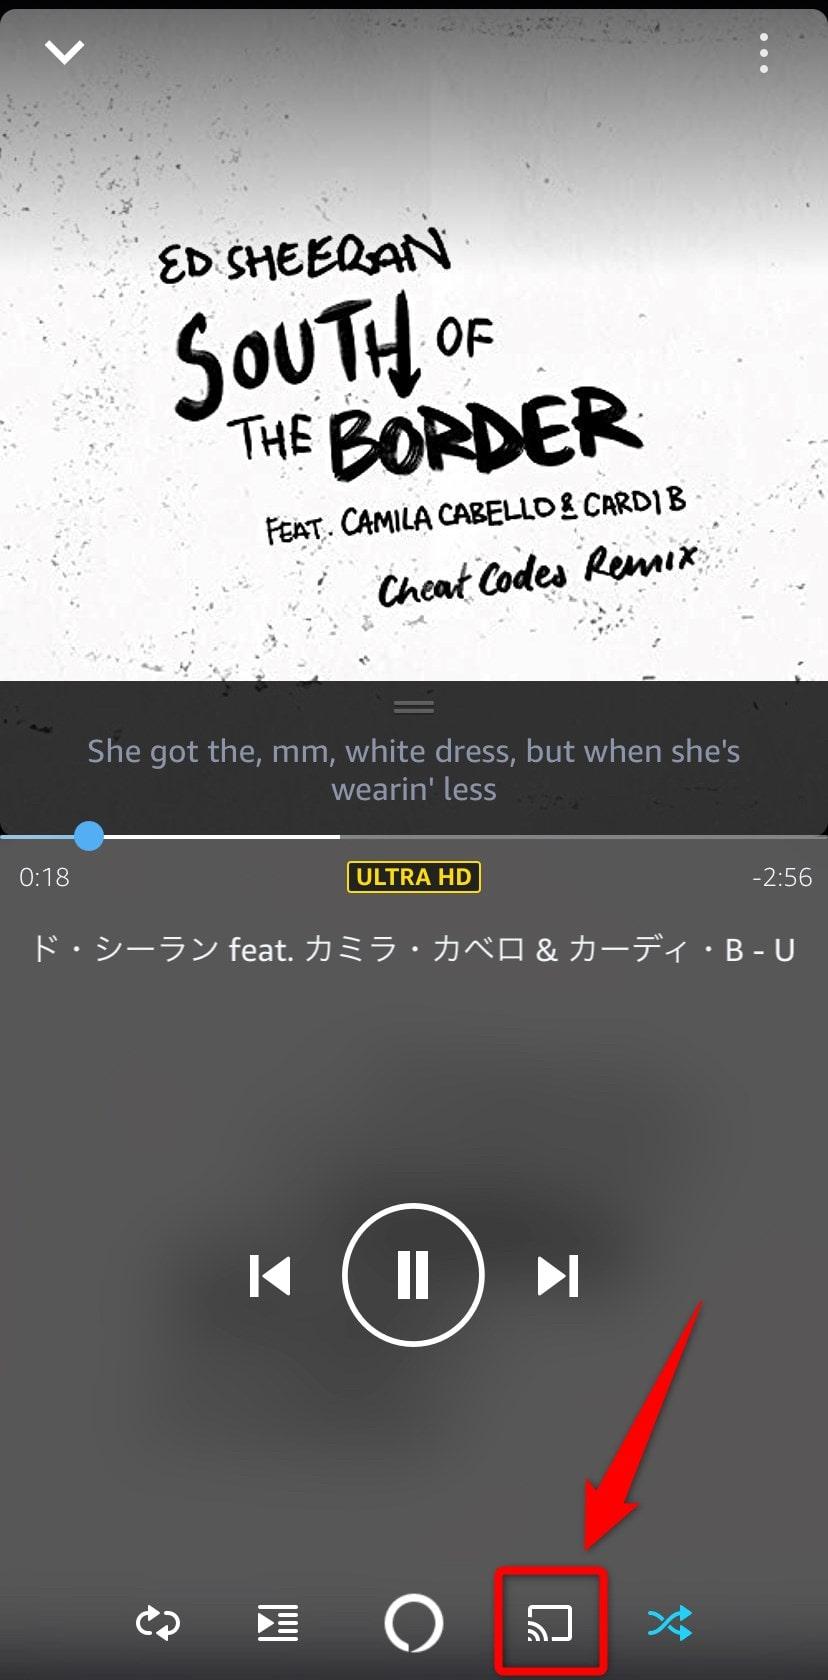 Amazon MusicをHomePodで聴く!AirPlayで簡単接続する設定方法